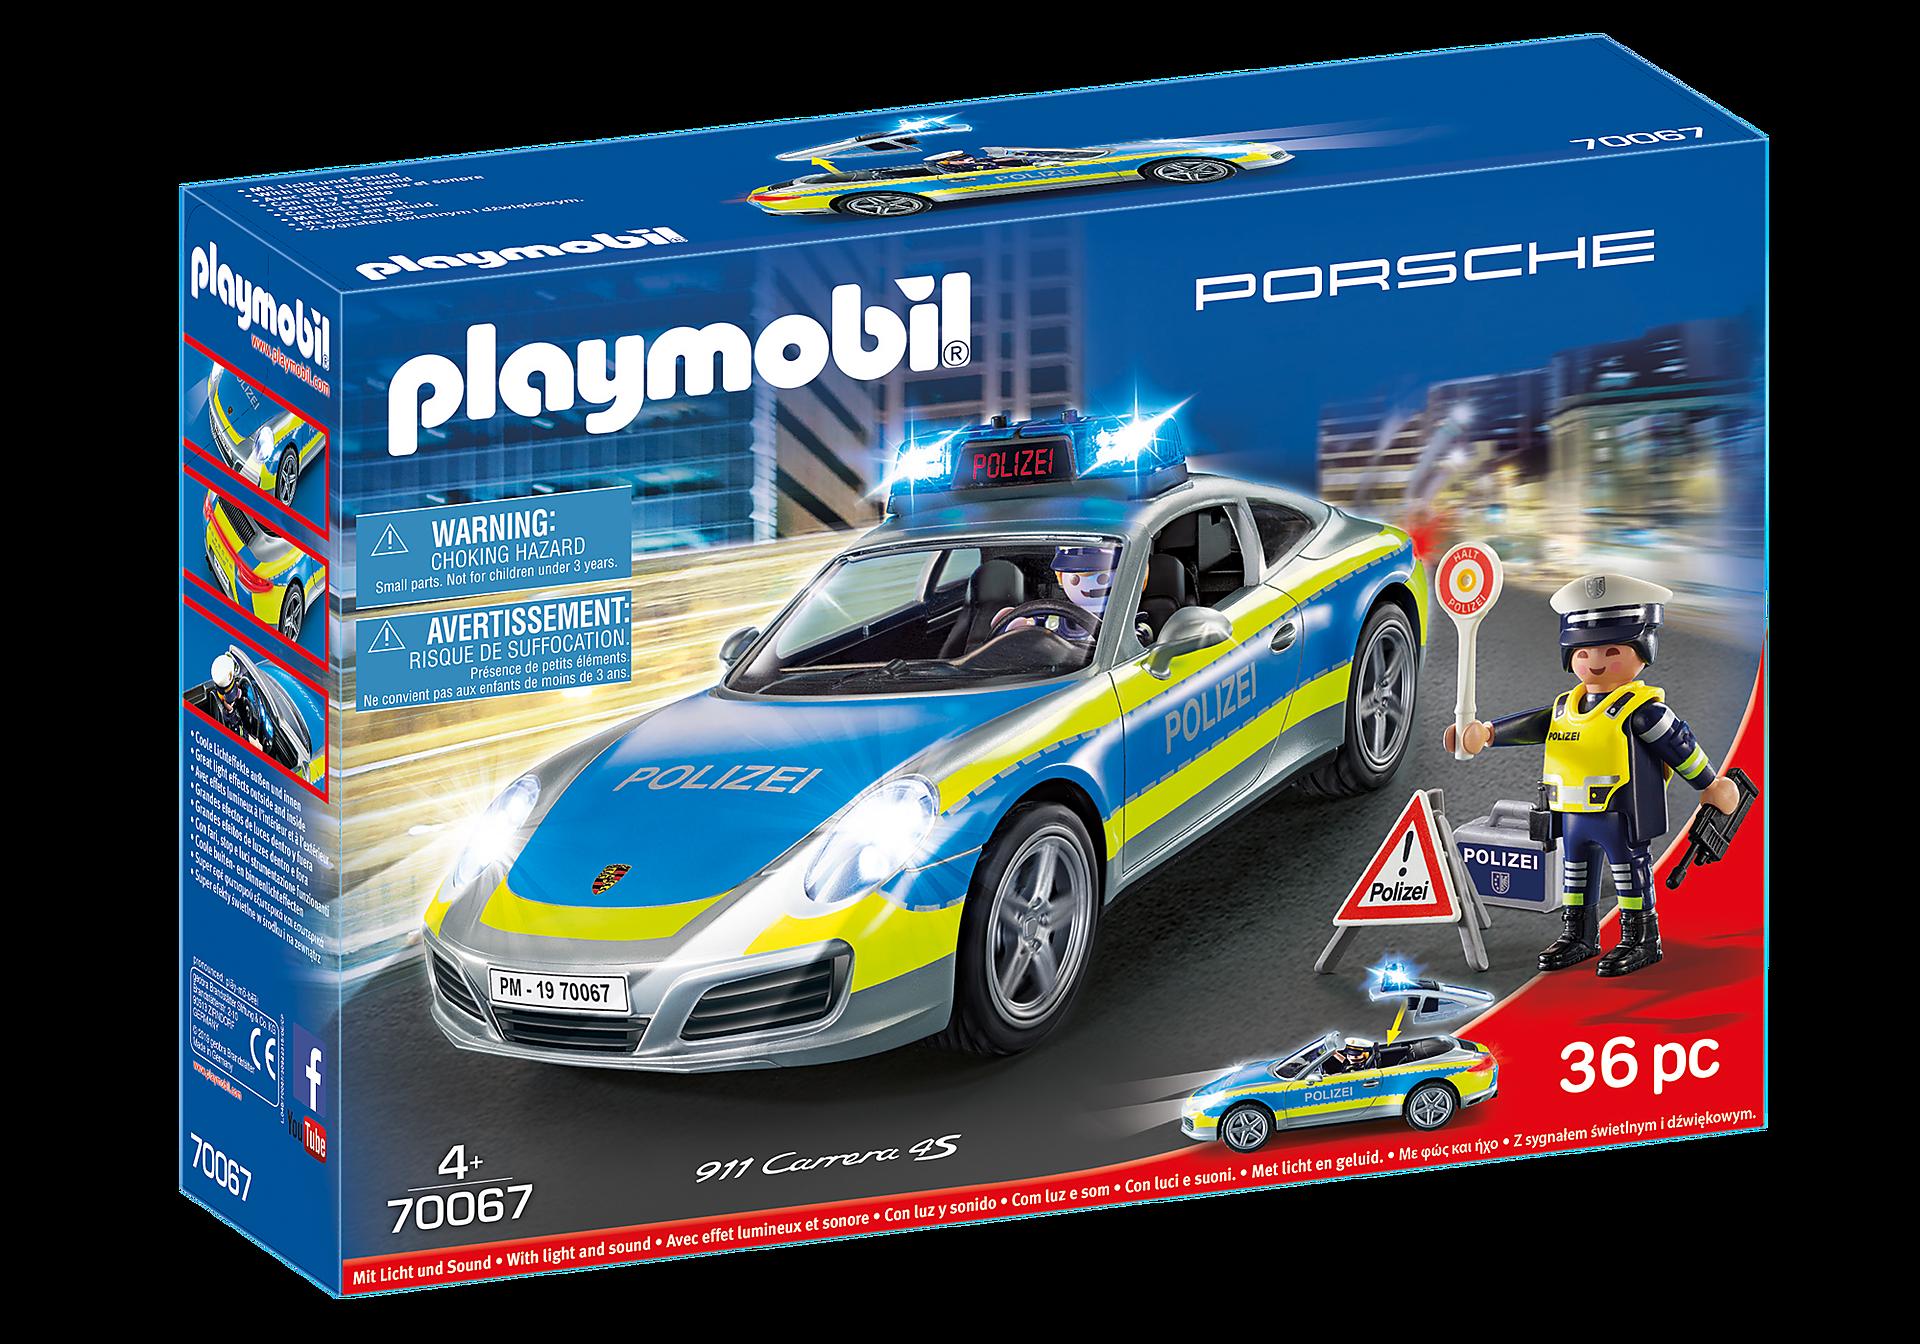 70067 Porsche 911 Carrera 4S Politi- Grå zoom image2